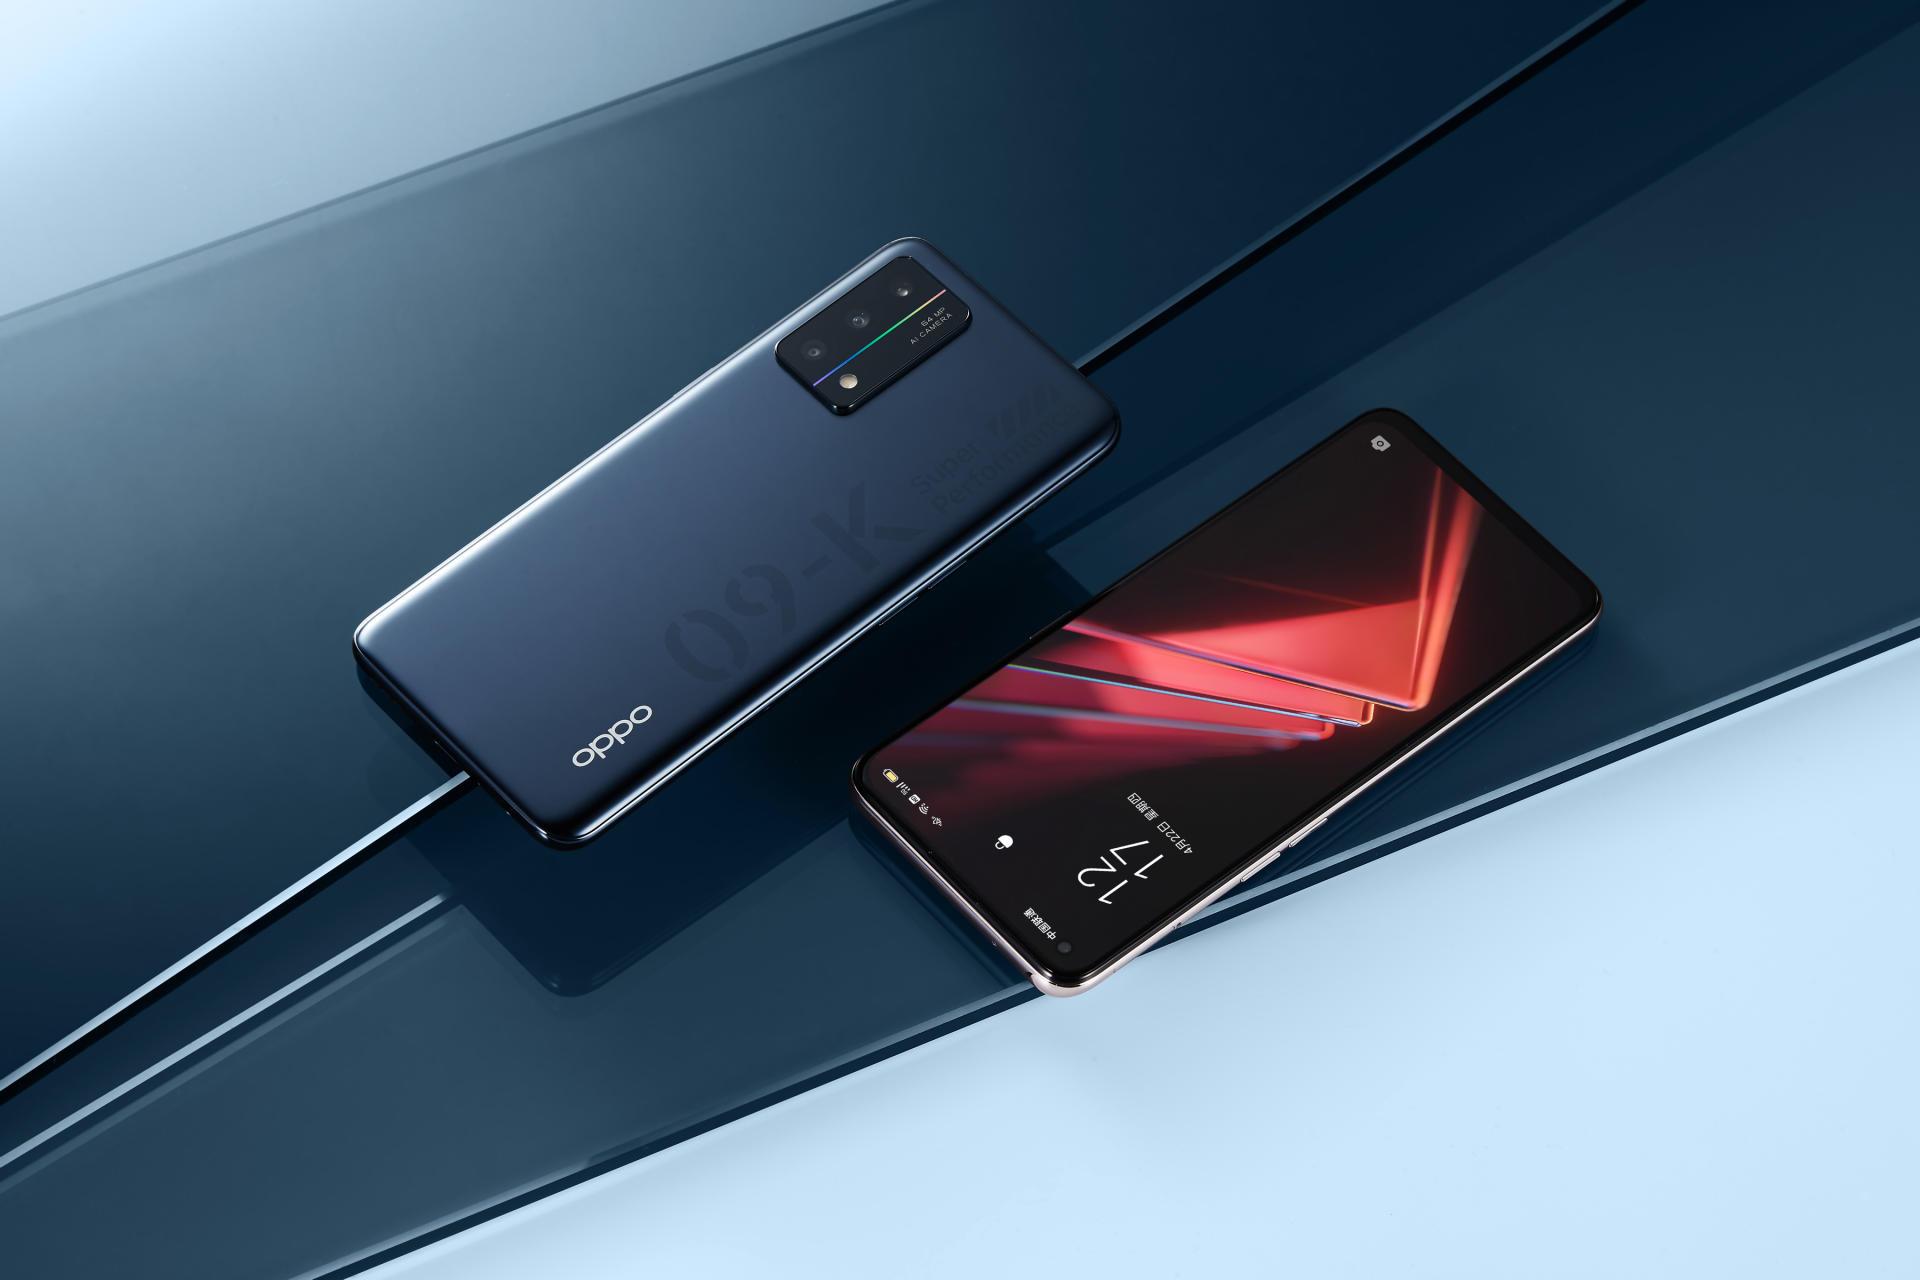 مزايا وعيوب هاتف Oppo K9 أحد أفضل وأحدث هواتف 5G متوسطة الفئة